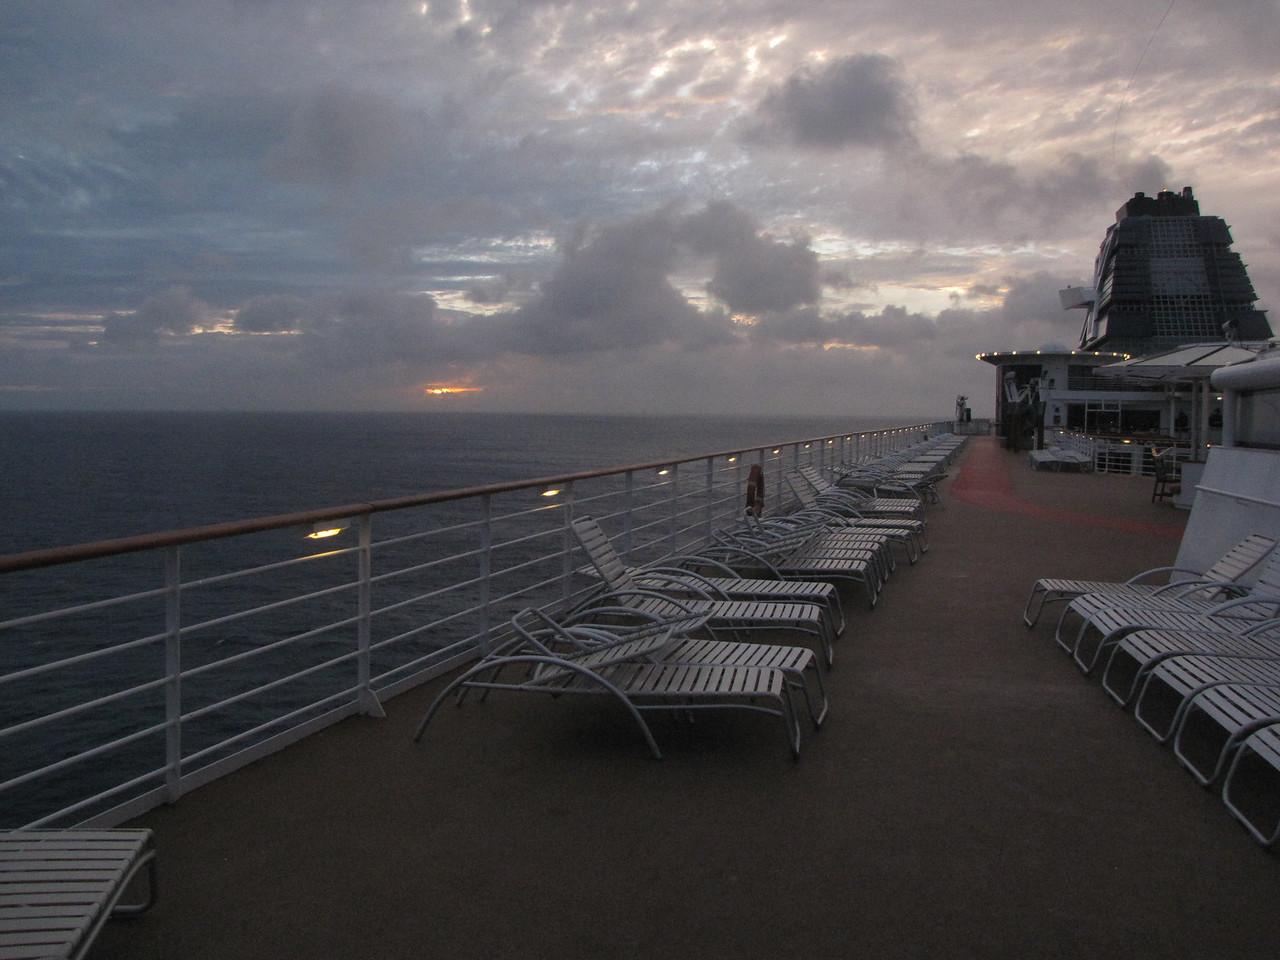 Headed from Aruba to Curacao as the sun set.